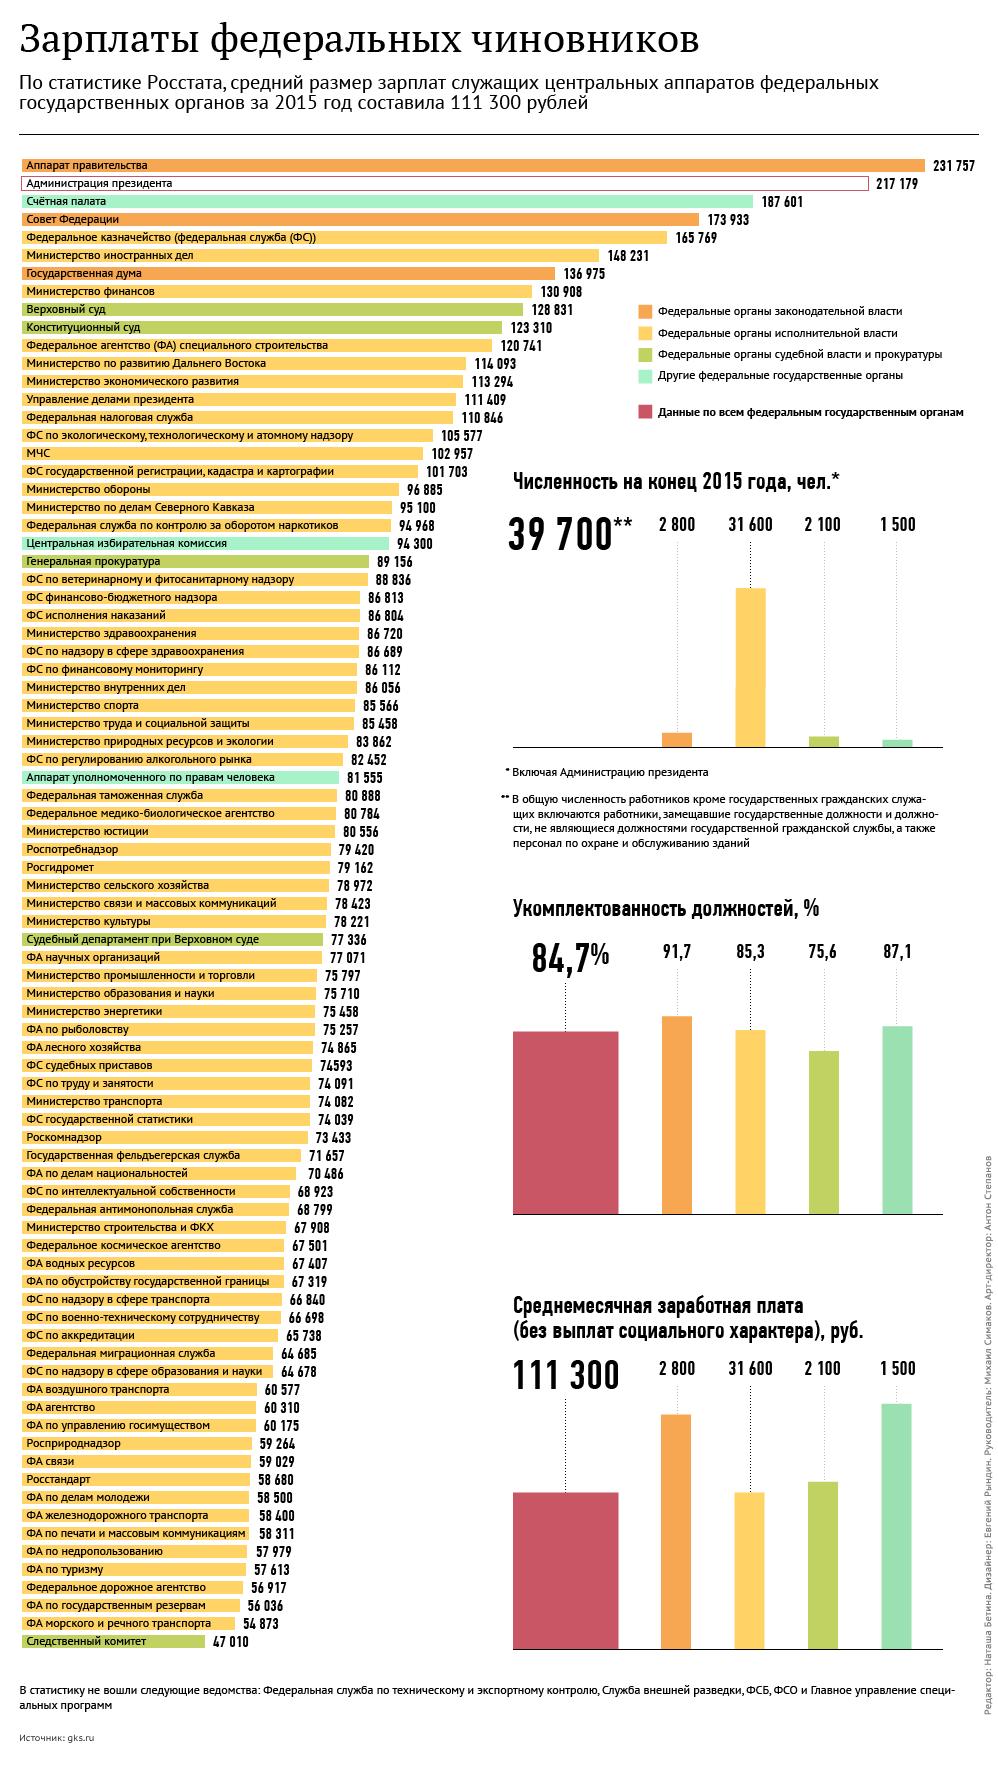 Зарплаты федеральных чиновников